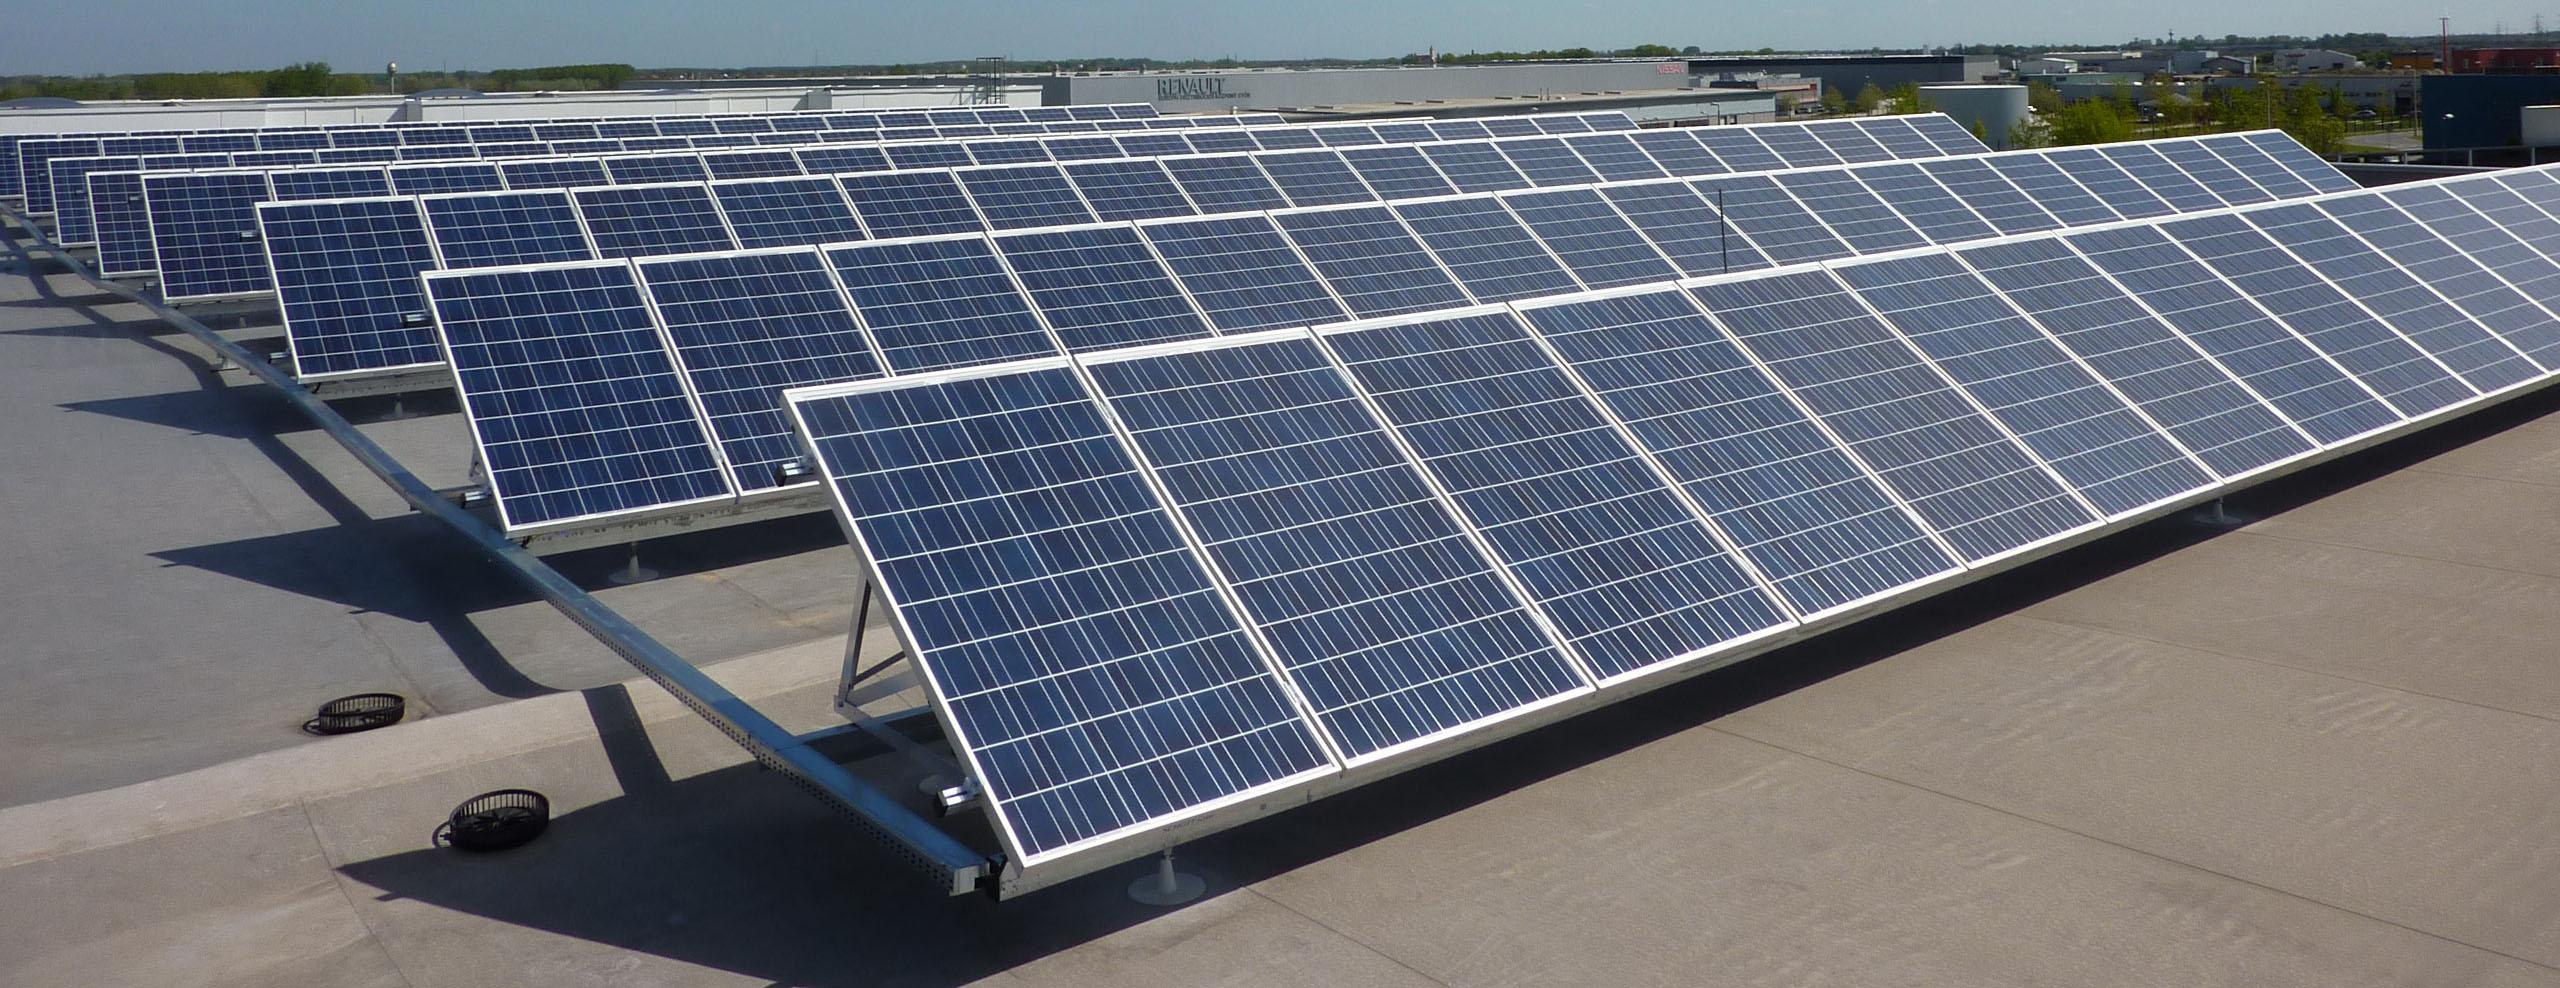 Napelemes erőművünk - Visimpex Solar tartószerkezettel